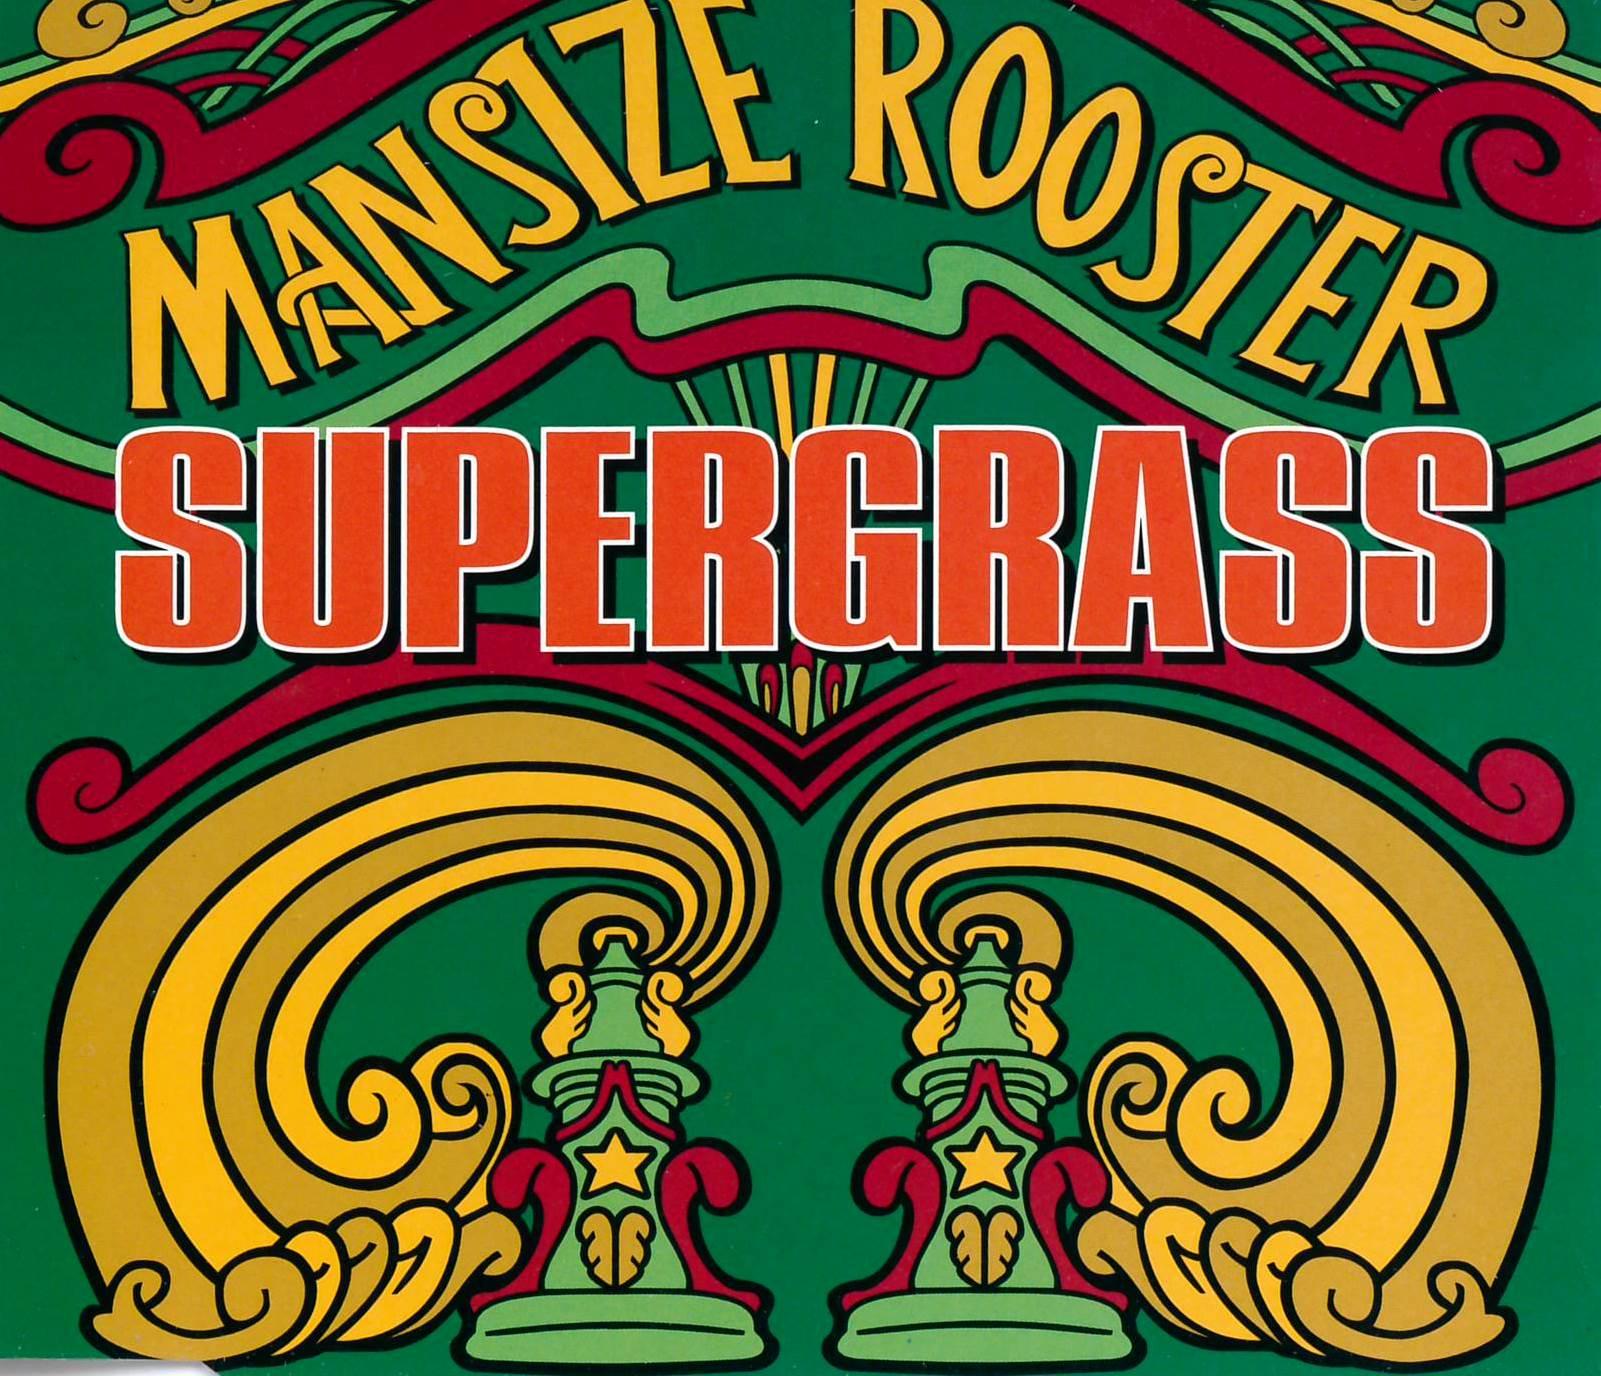 Mansize rooster